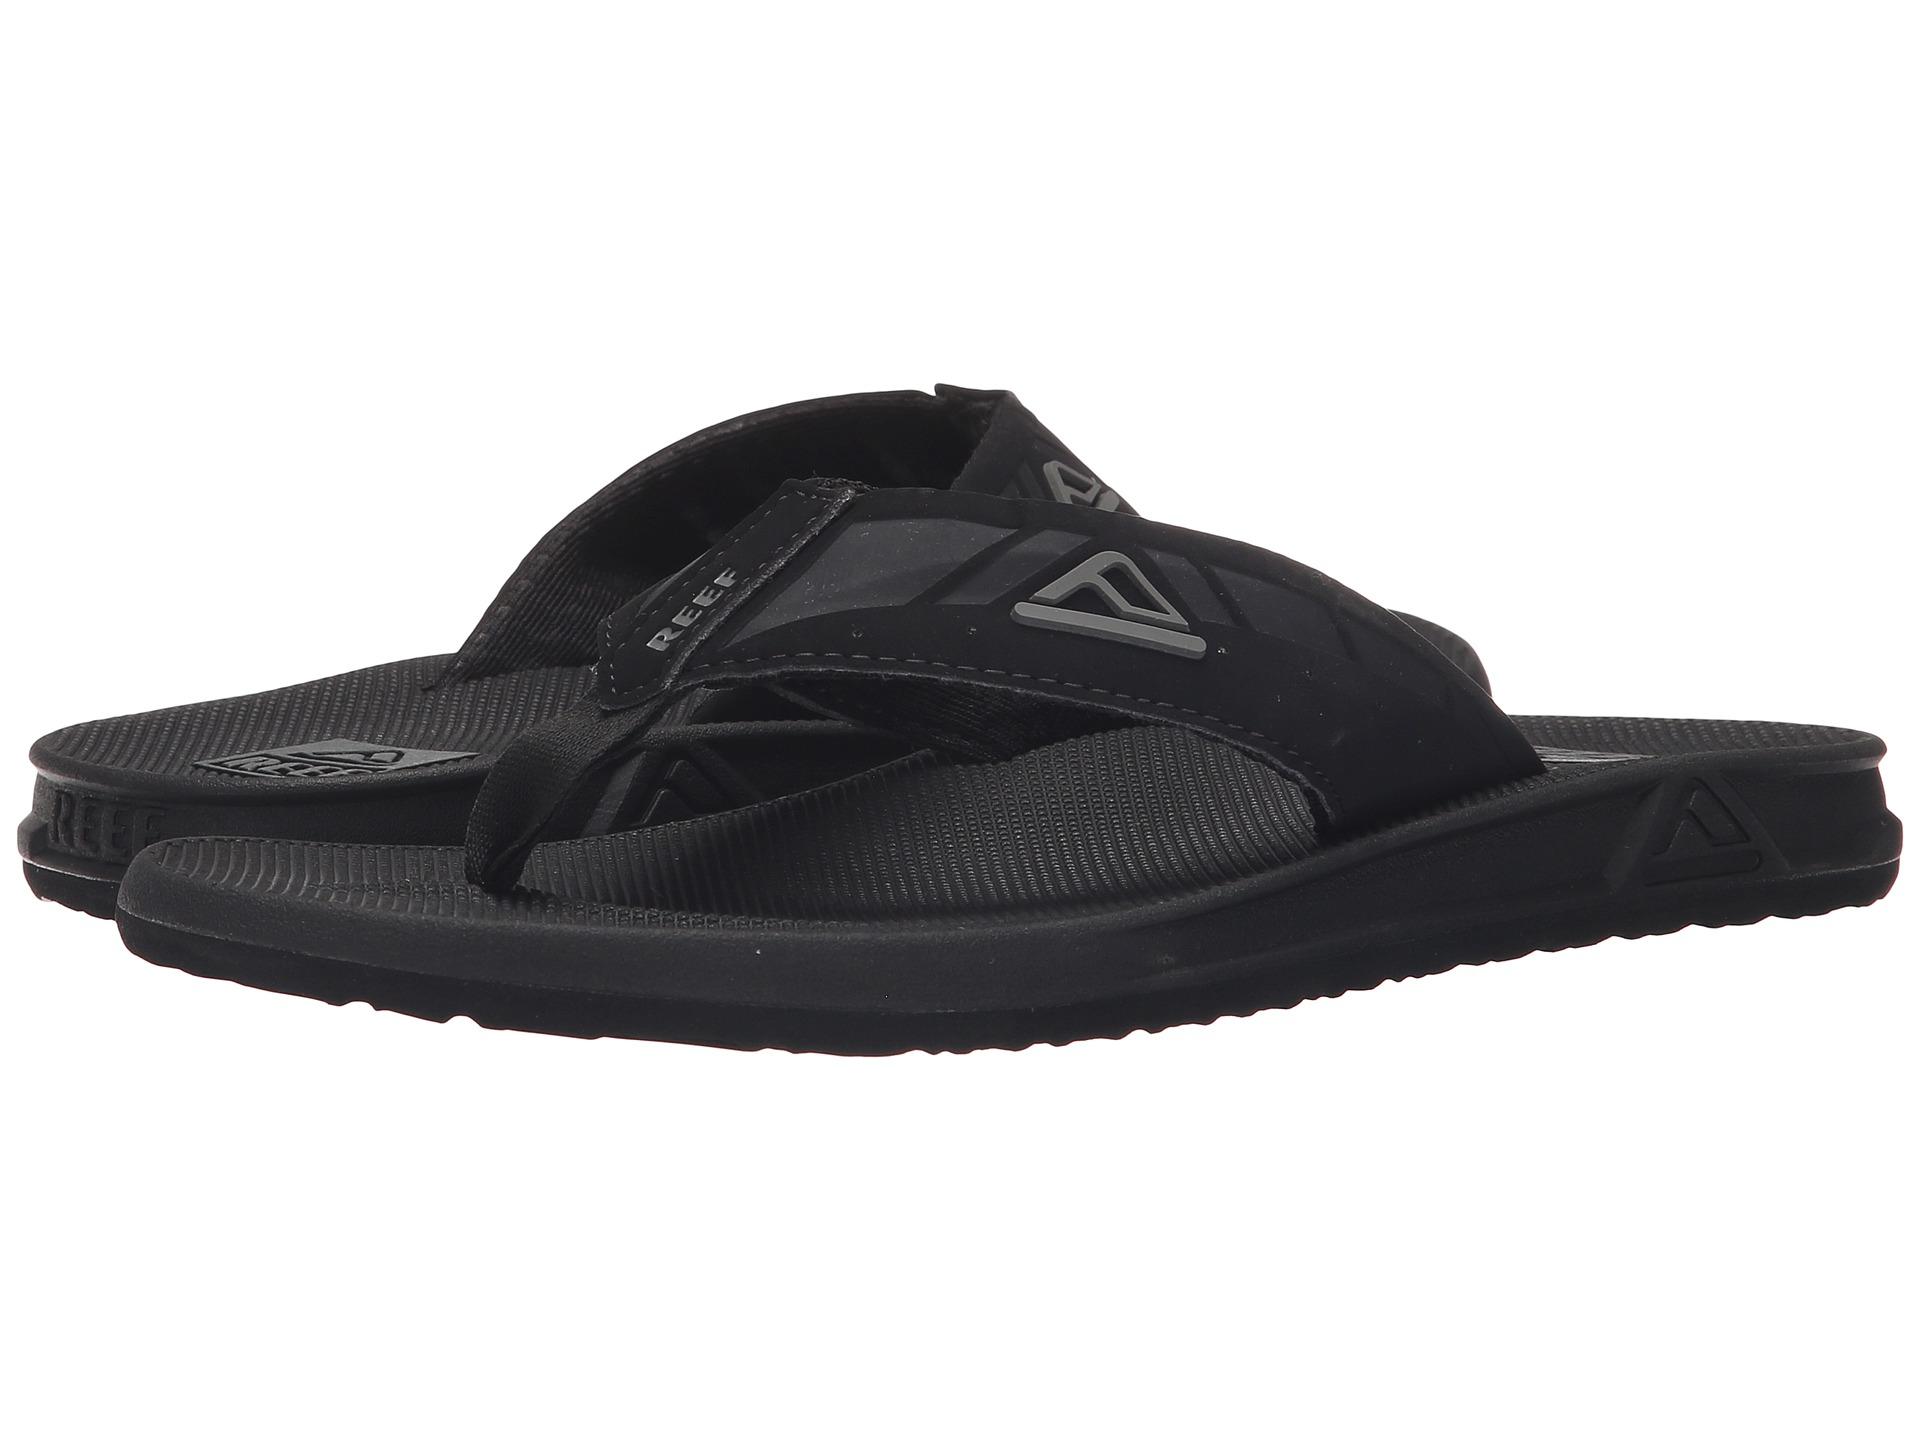 Black reef sandals - Black Reef Sandals 16